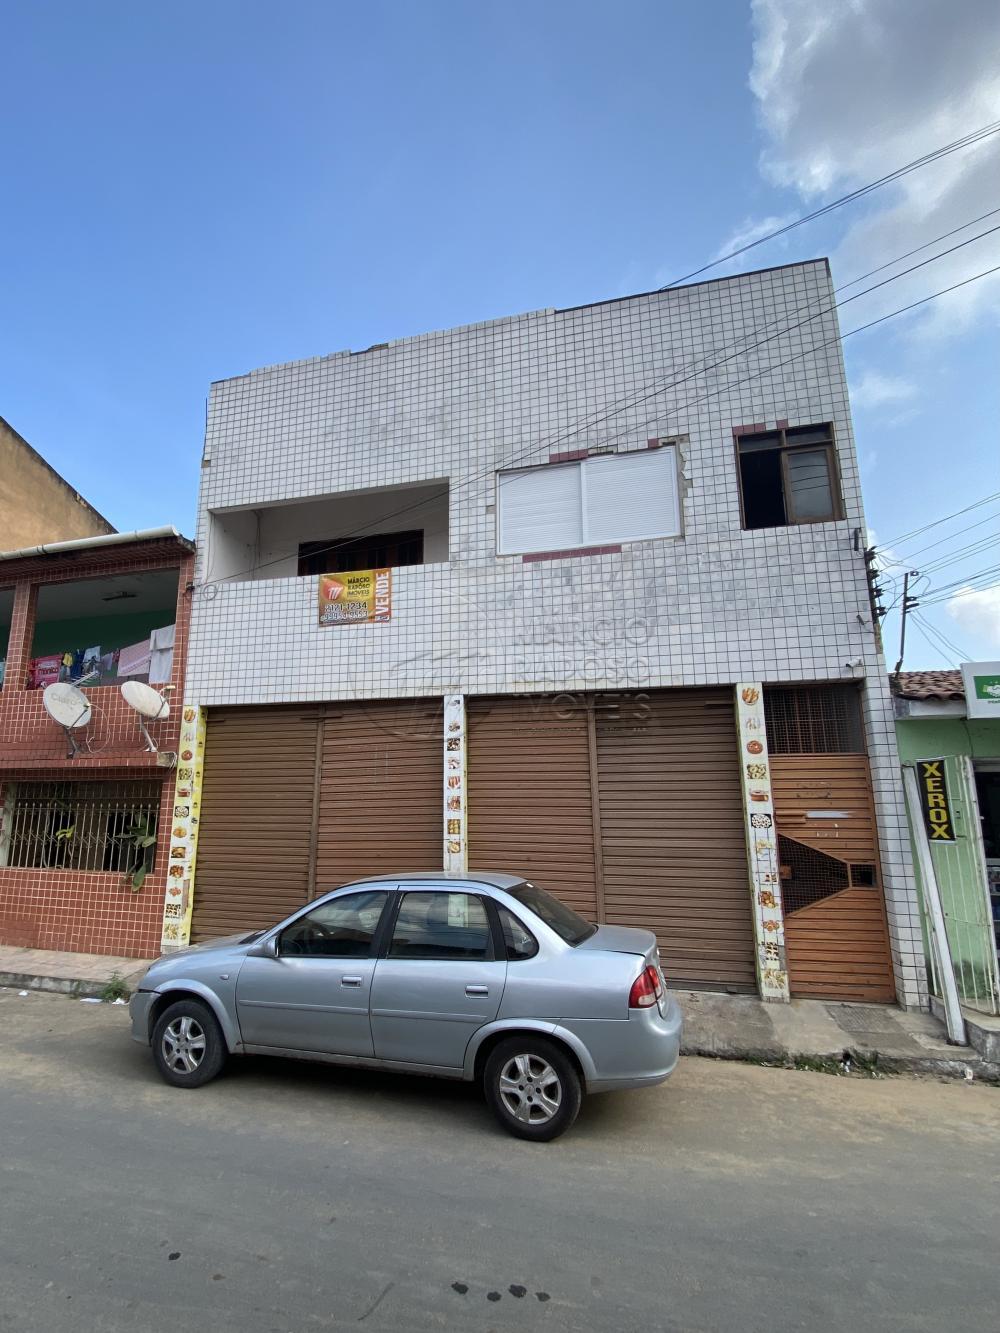 PRÉDIO COMERCIAL 02 ANDARES, 02 FRENTES, VÁRIOS CÔMODOS, MEDINDO 8X15M².